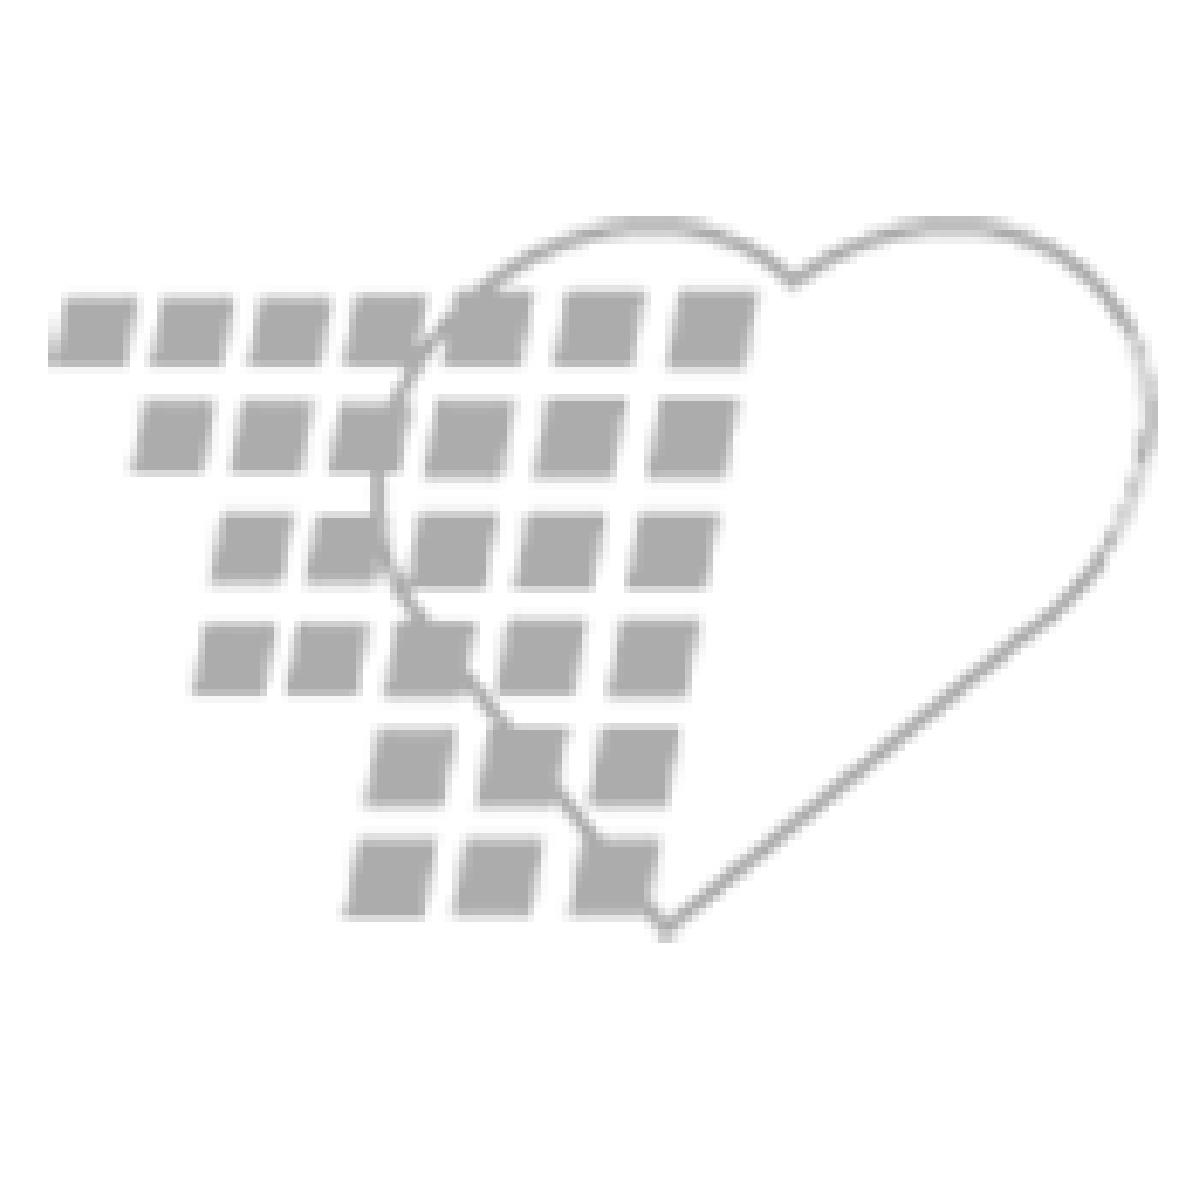 04-76-5001 Series 500 Pediatric Crib Stretcher  -White Finish